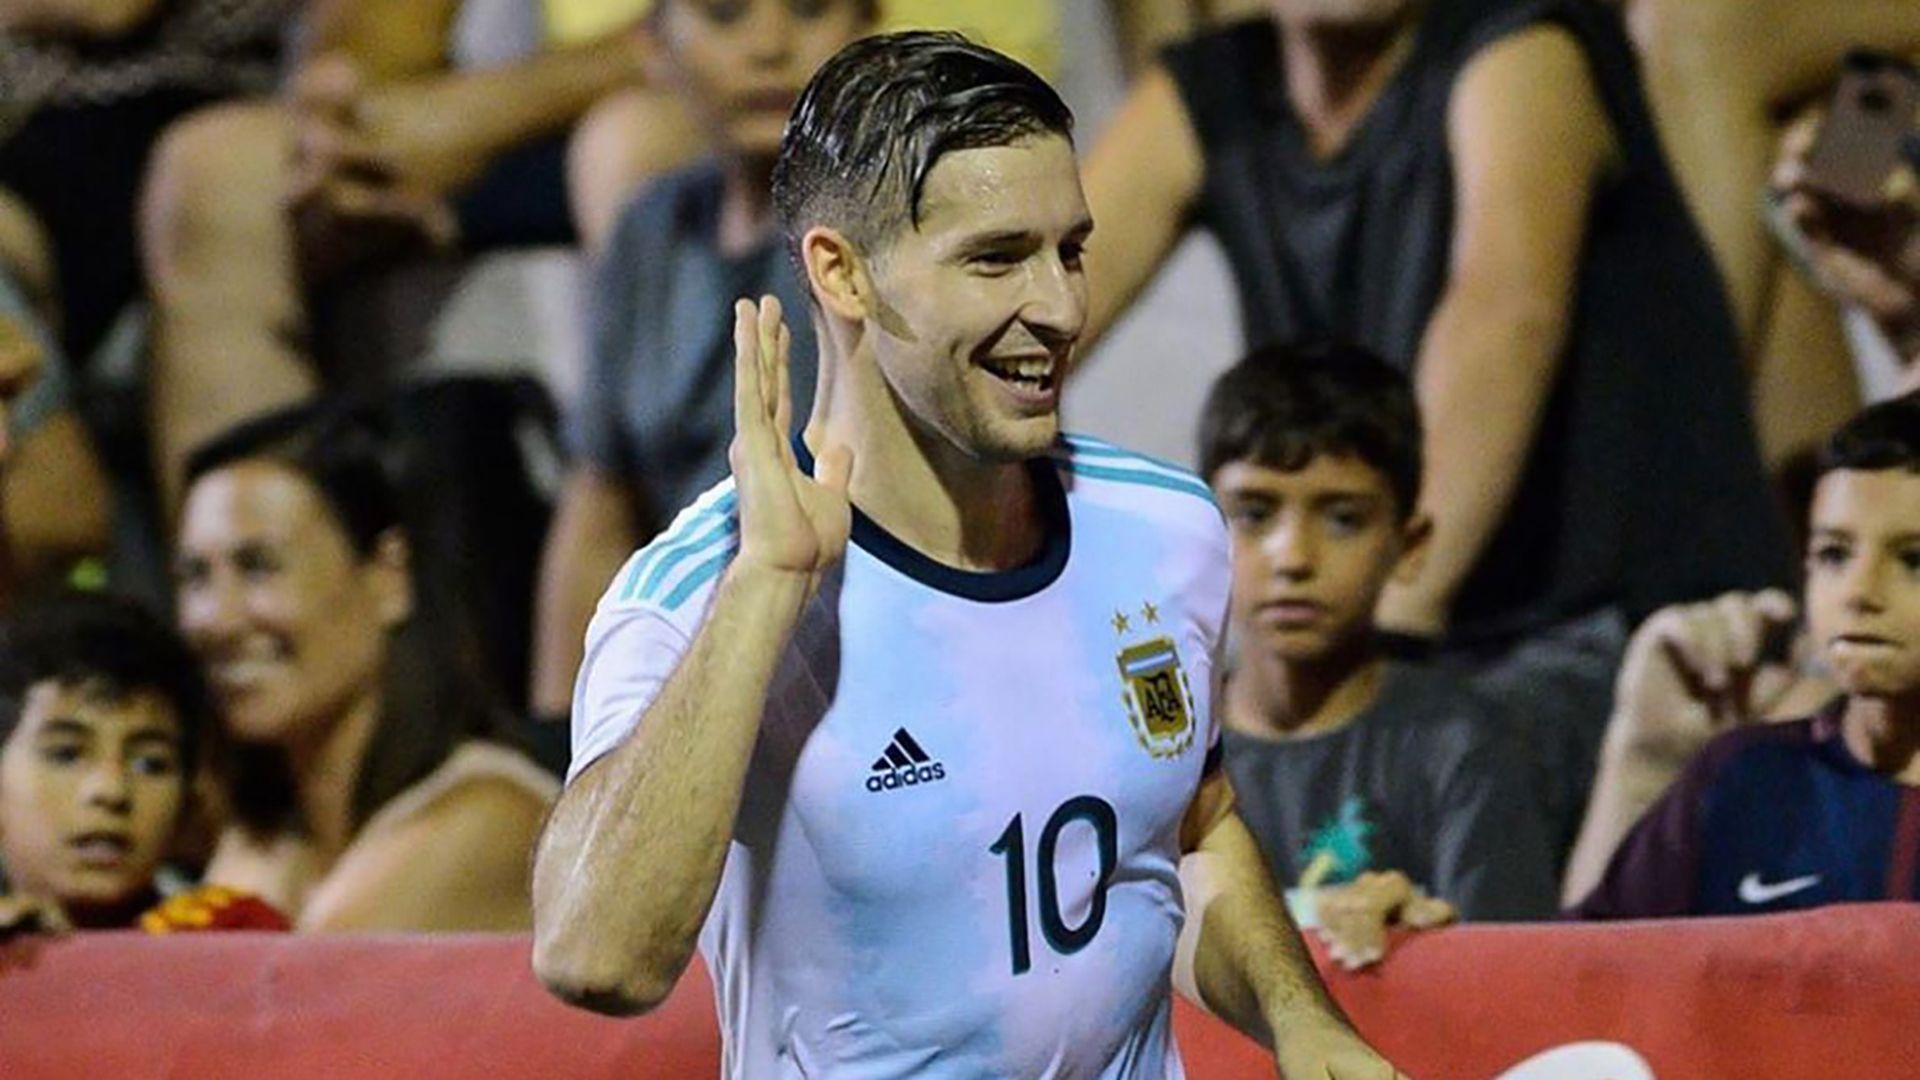 Miljevic brilló con la 10 de la Selección Sub 18 el año pasado en La Alcúdia (IG: @m.miljevic32)